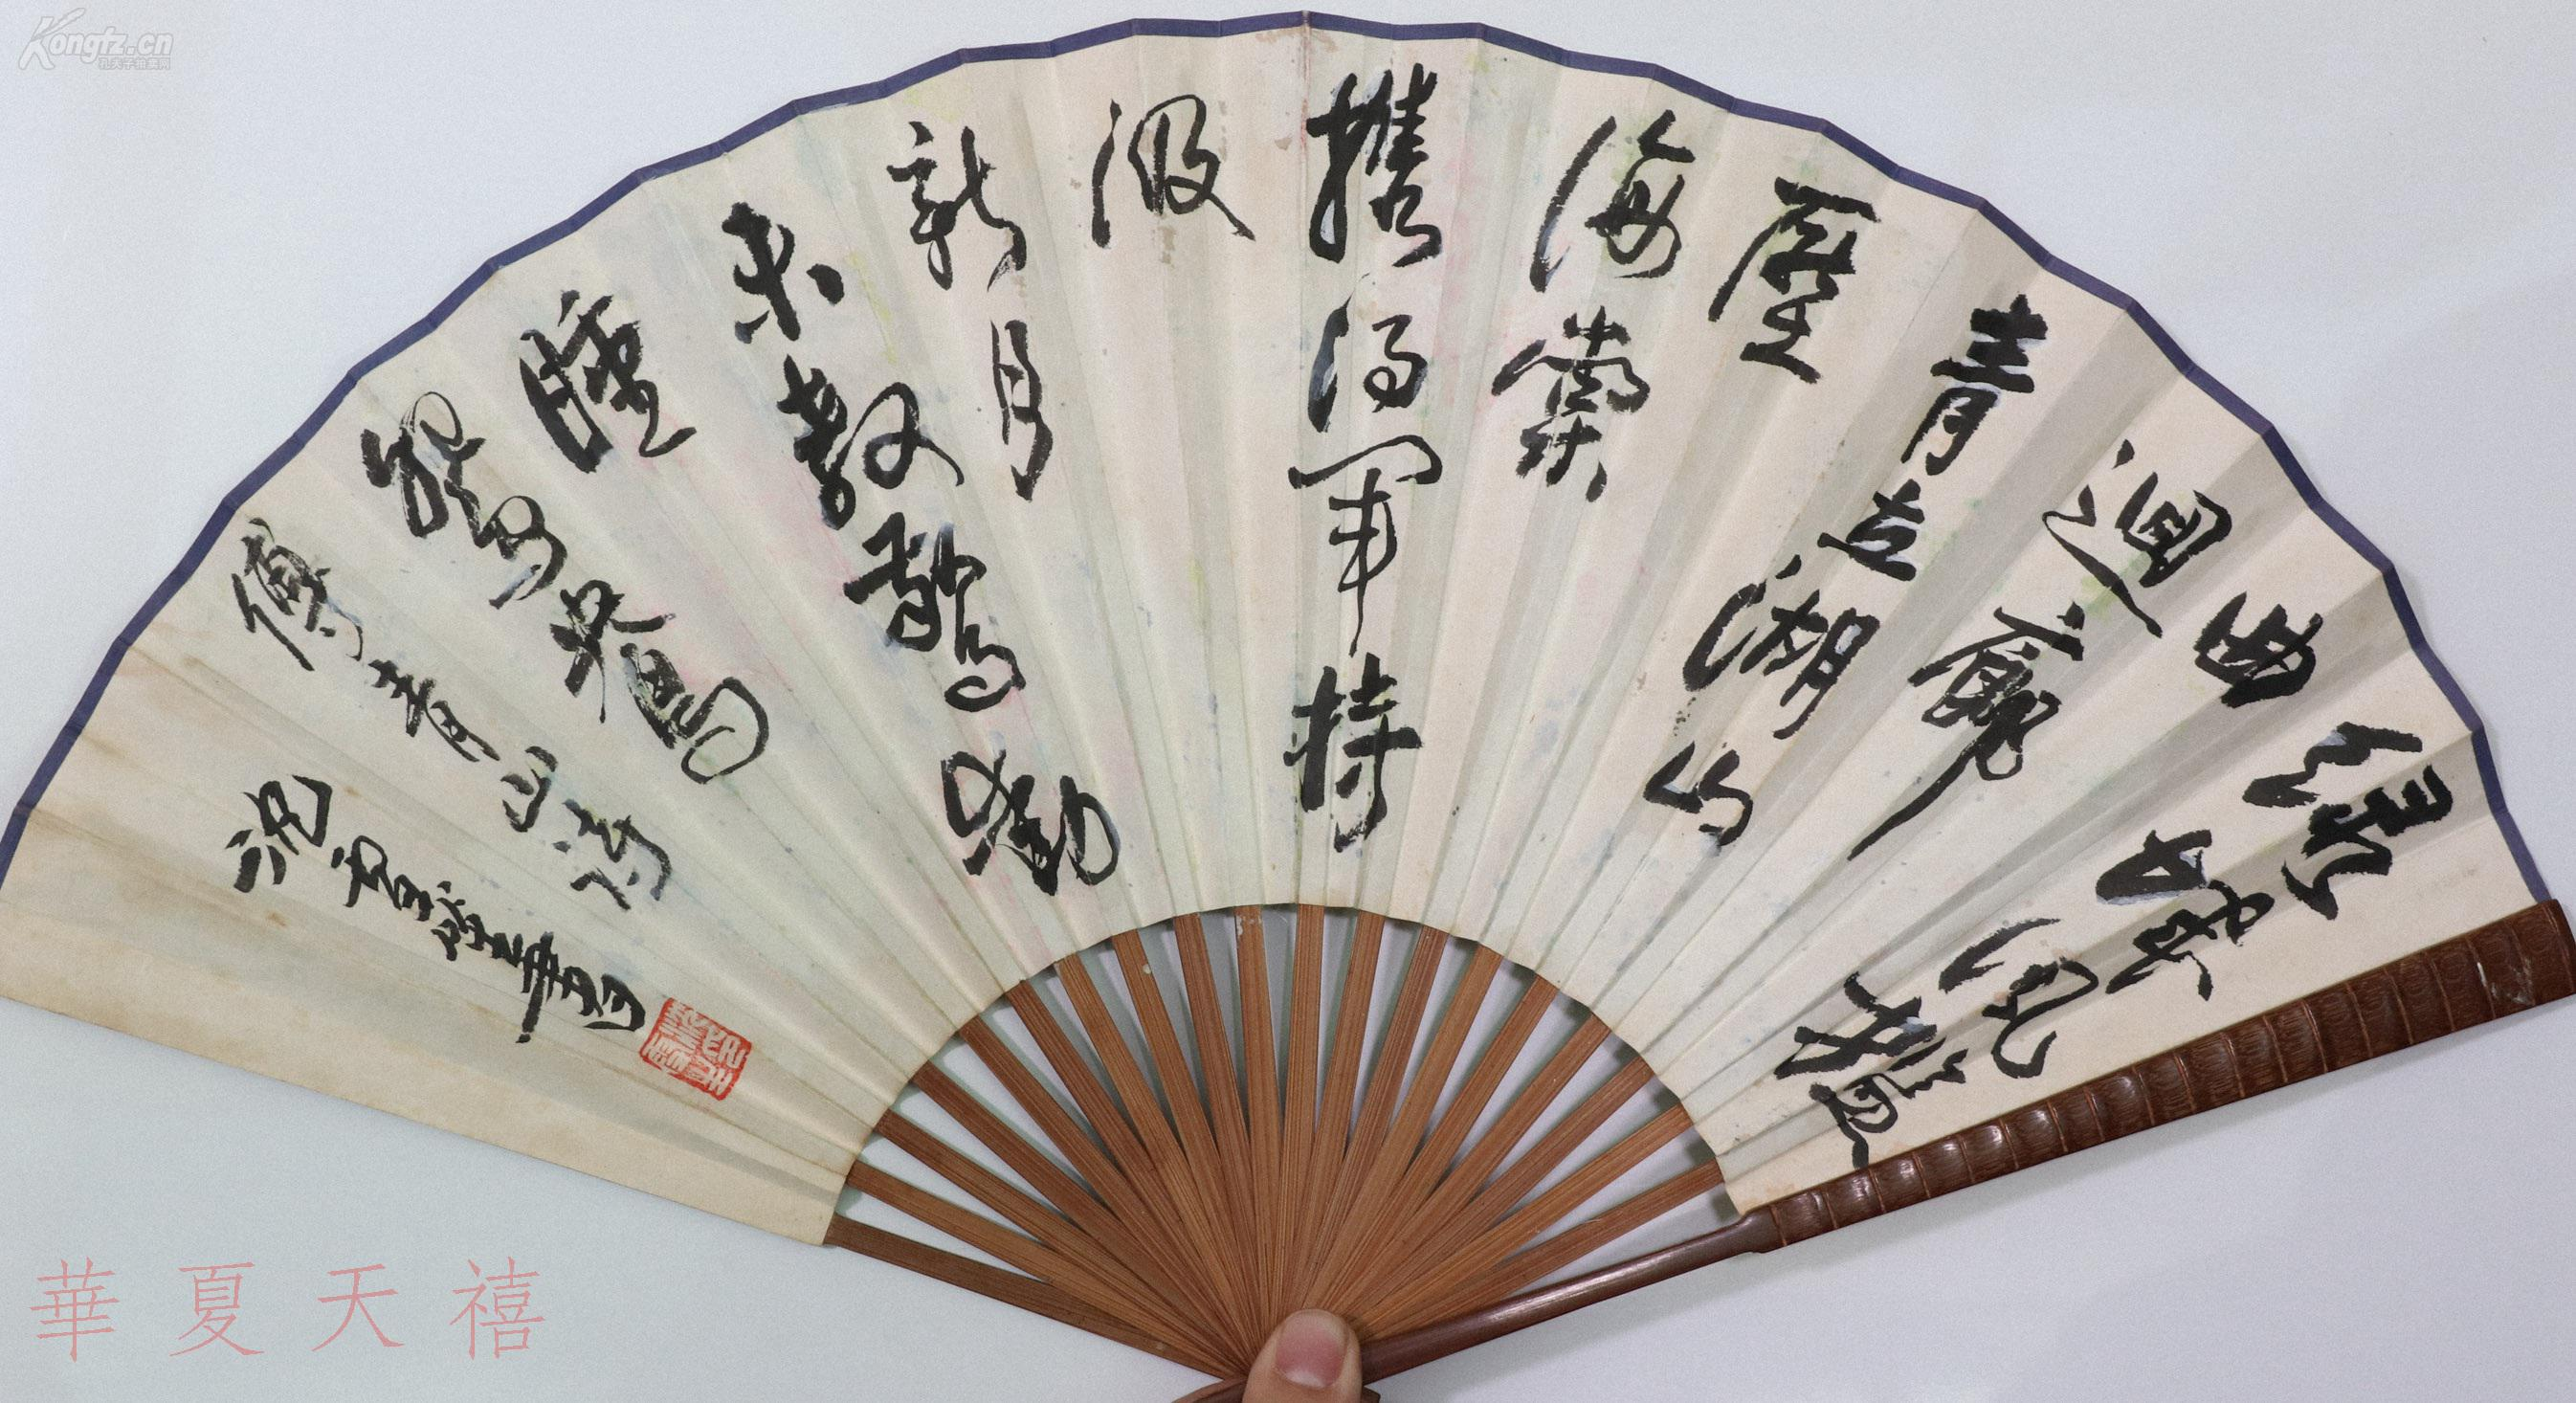 """沈雪生 水墨画《葡萄松鼠图》,书法""""录傅青山诗""""成扇一件(泥金纸本"""